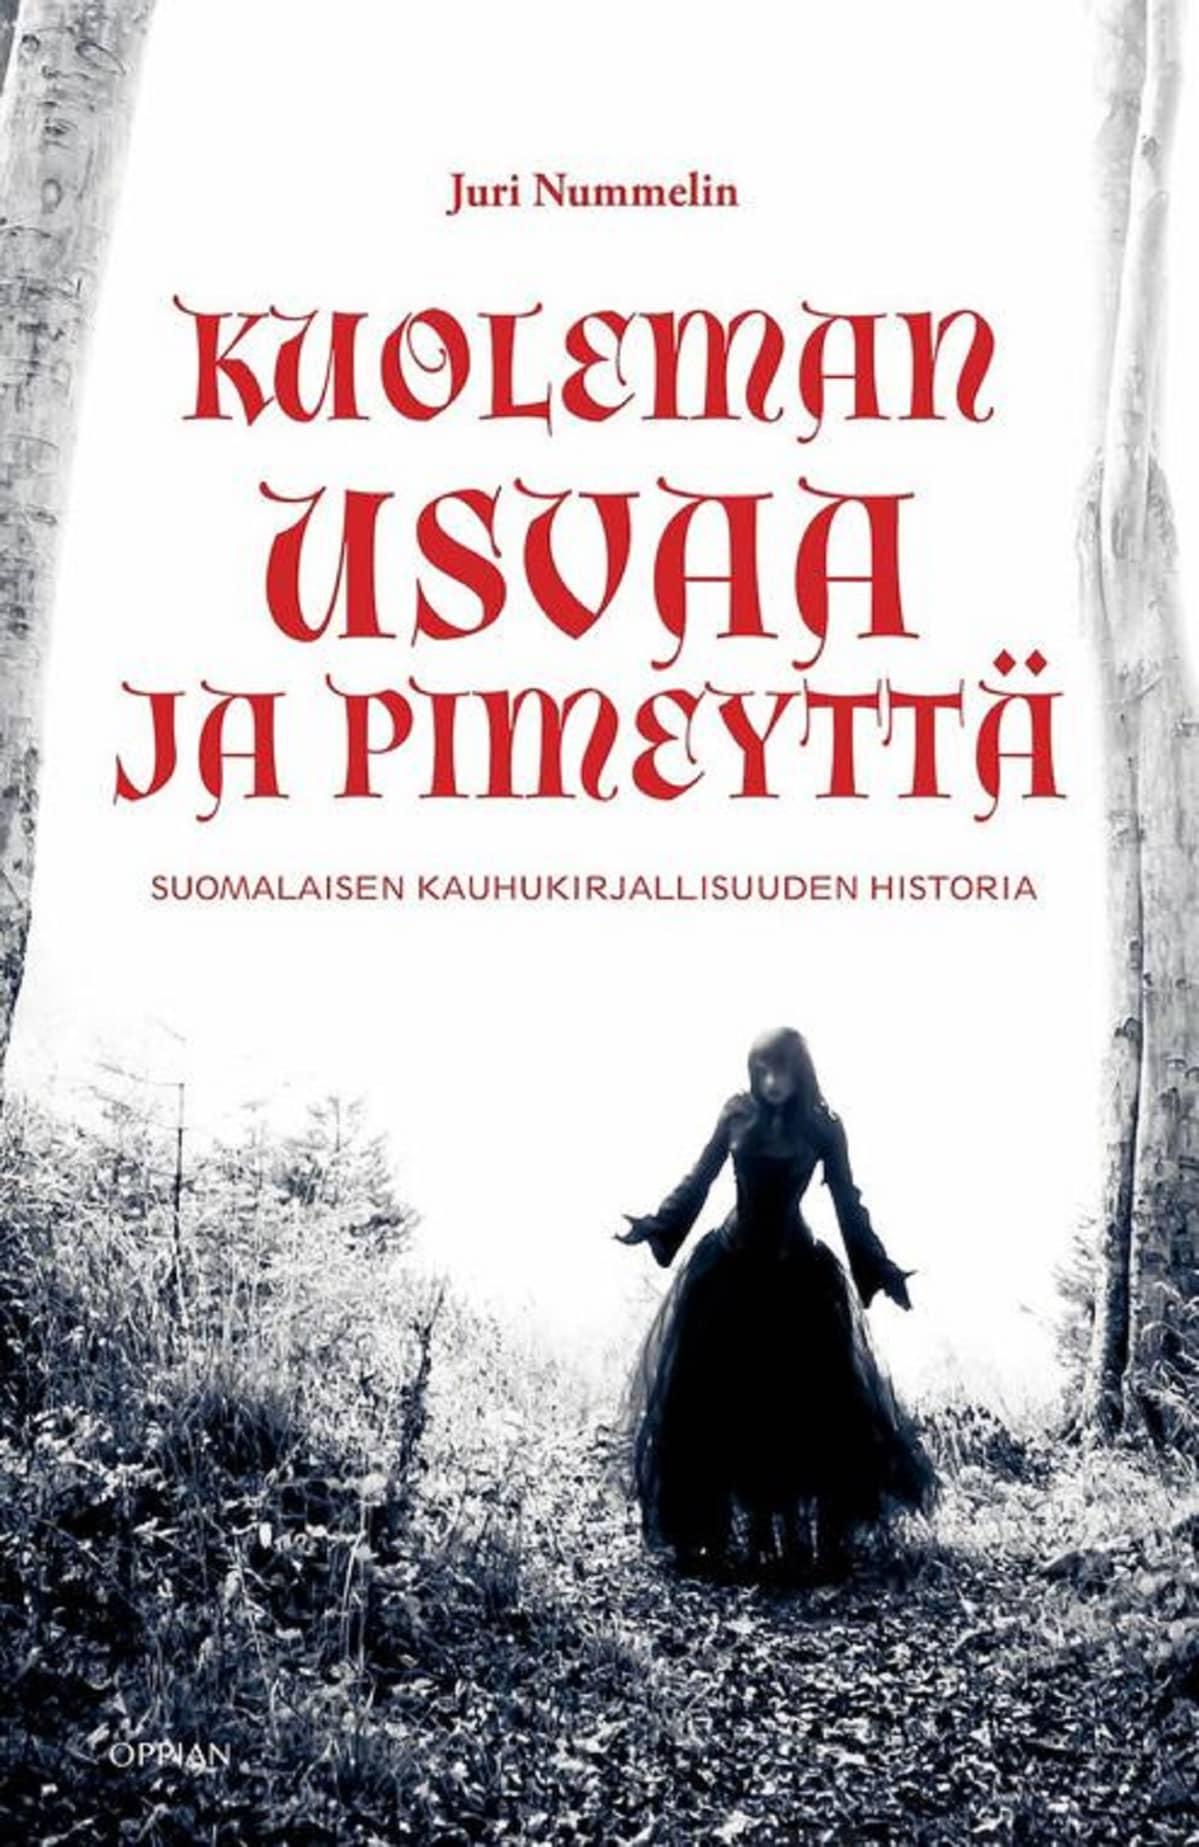 Kuoleman usvaa ja pimeyttä, kauhu, Juri Nummelin